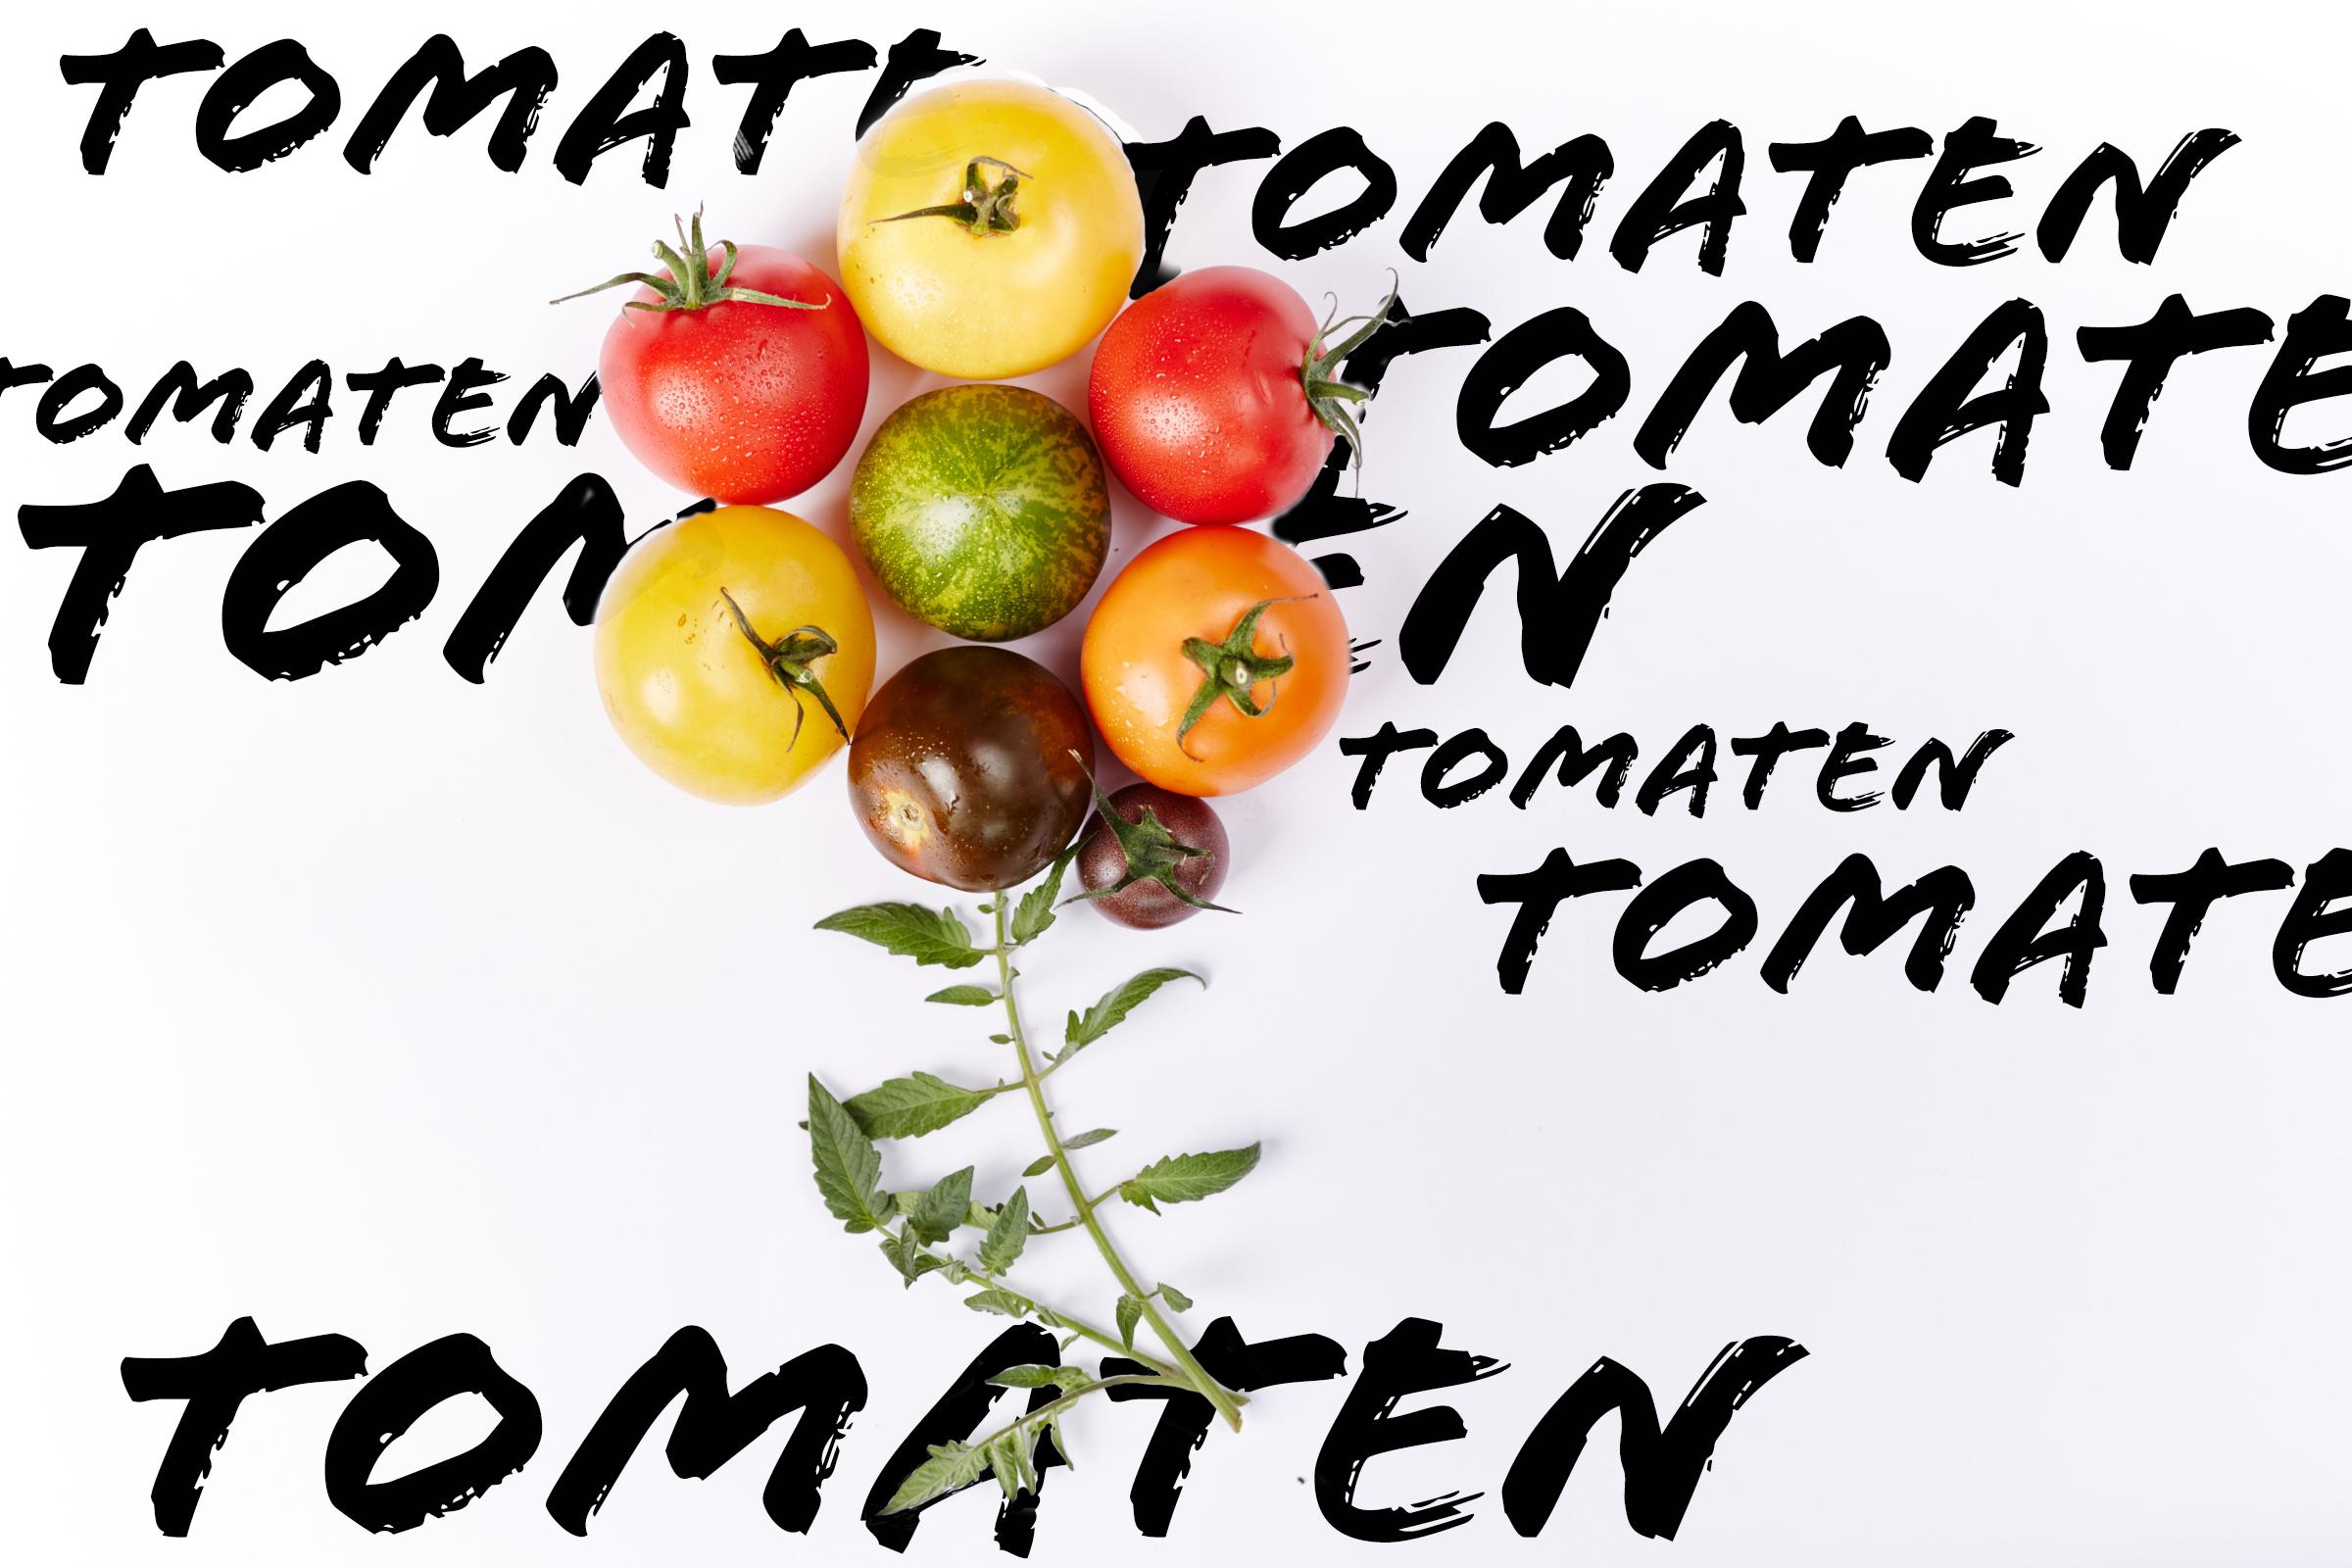 Tomaten-2